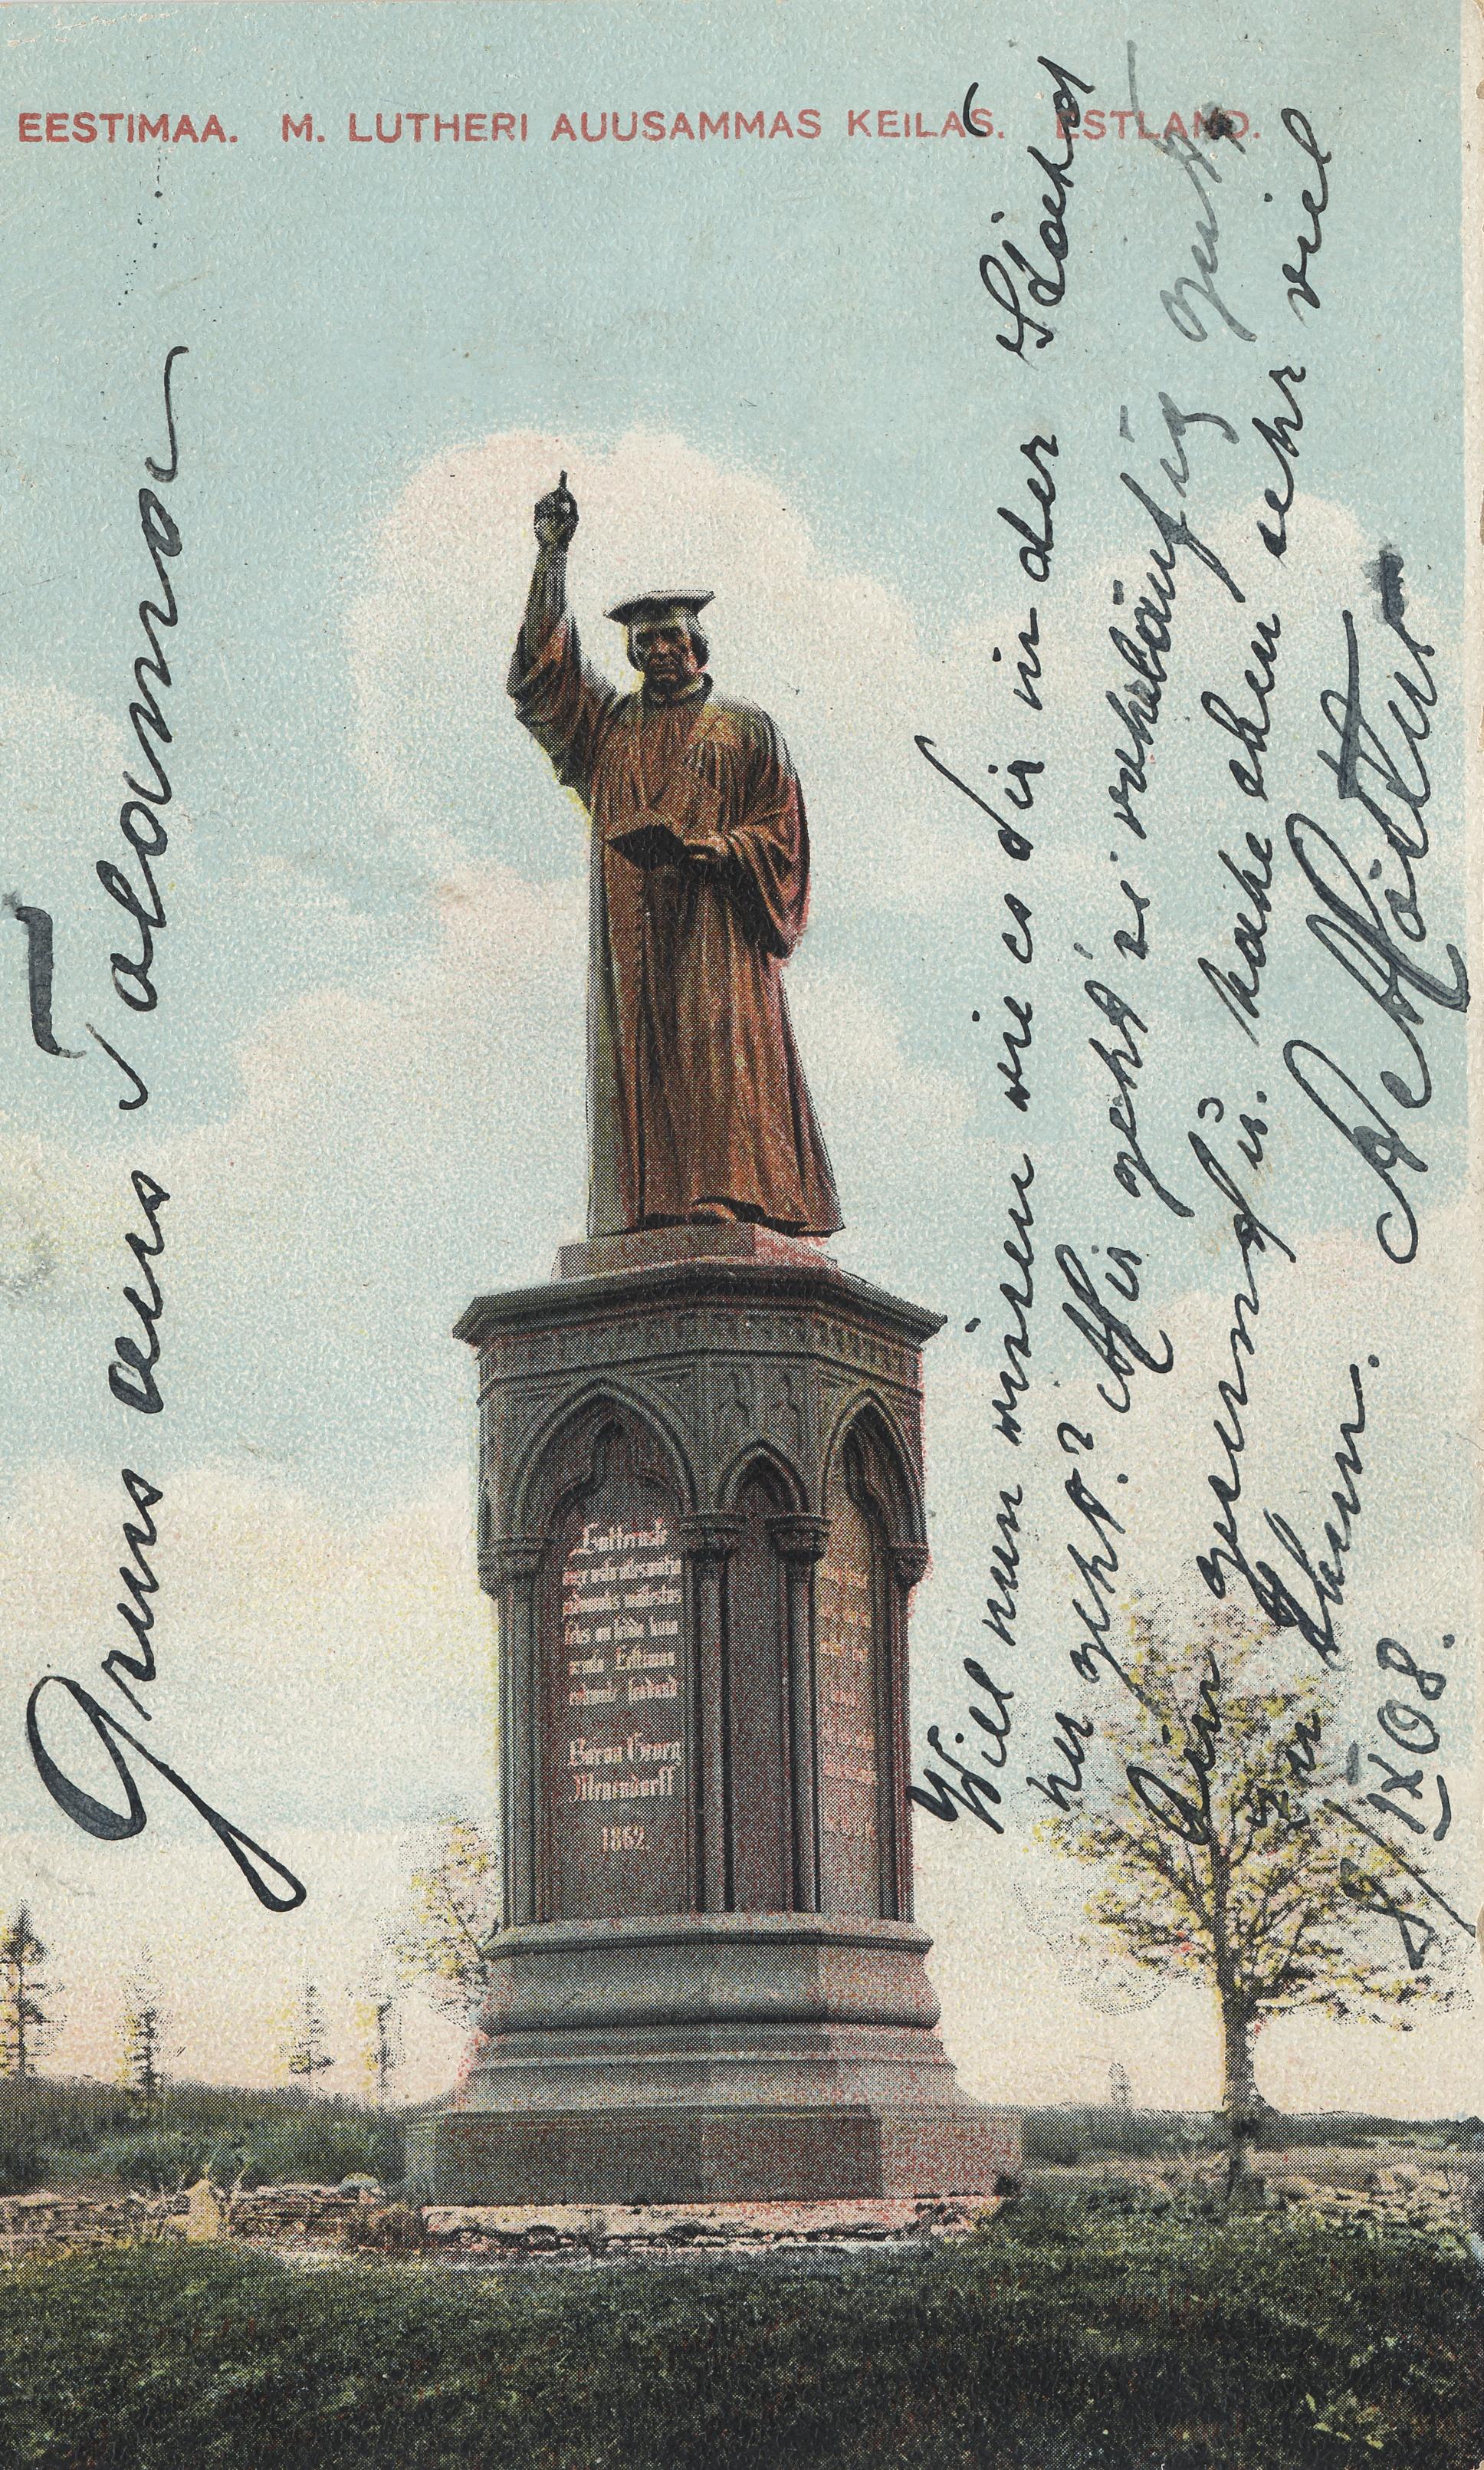 Окрестности Ревеля. Кегель. Памятник Мартину Лютеру (2)